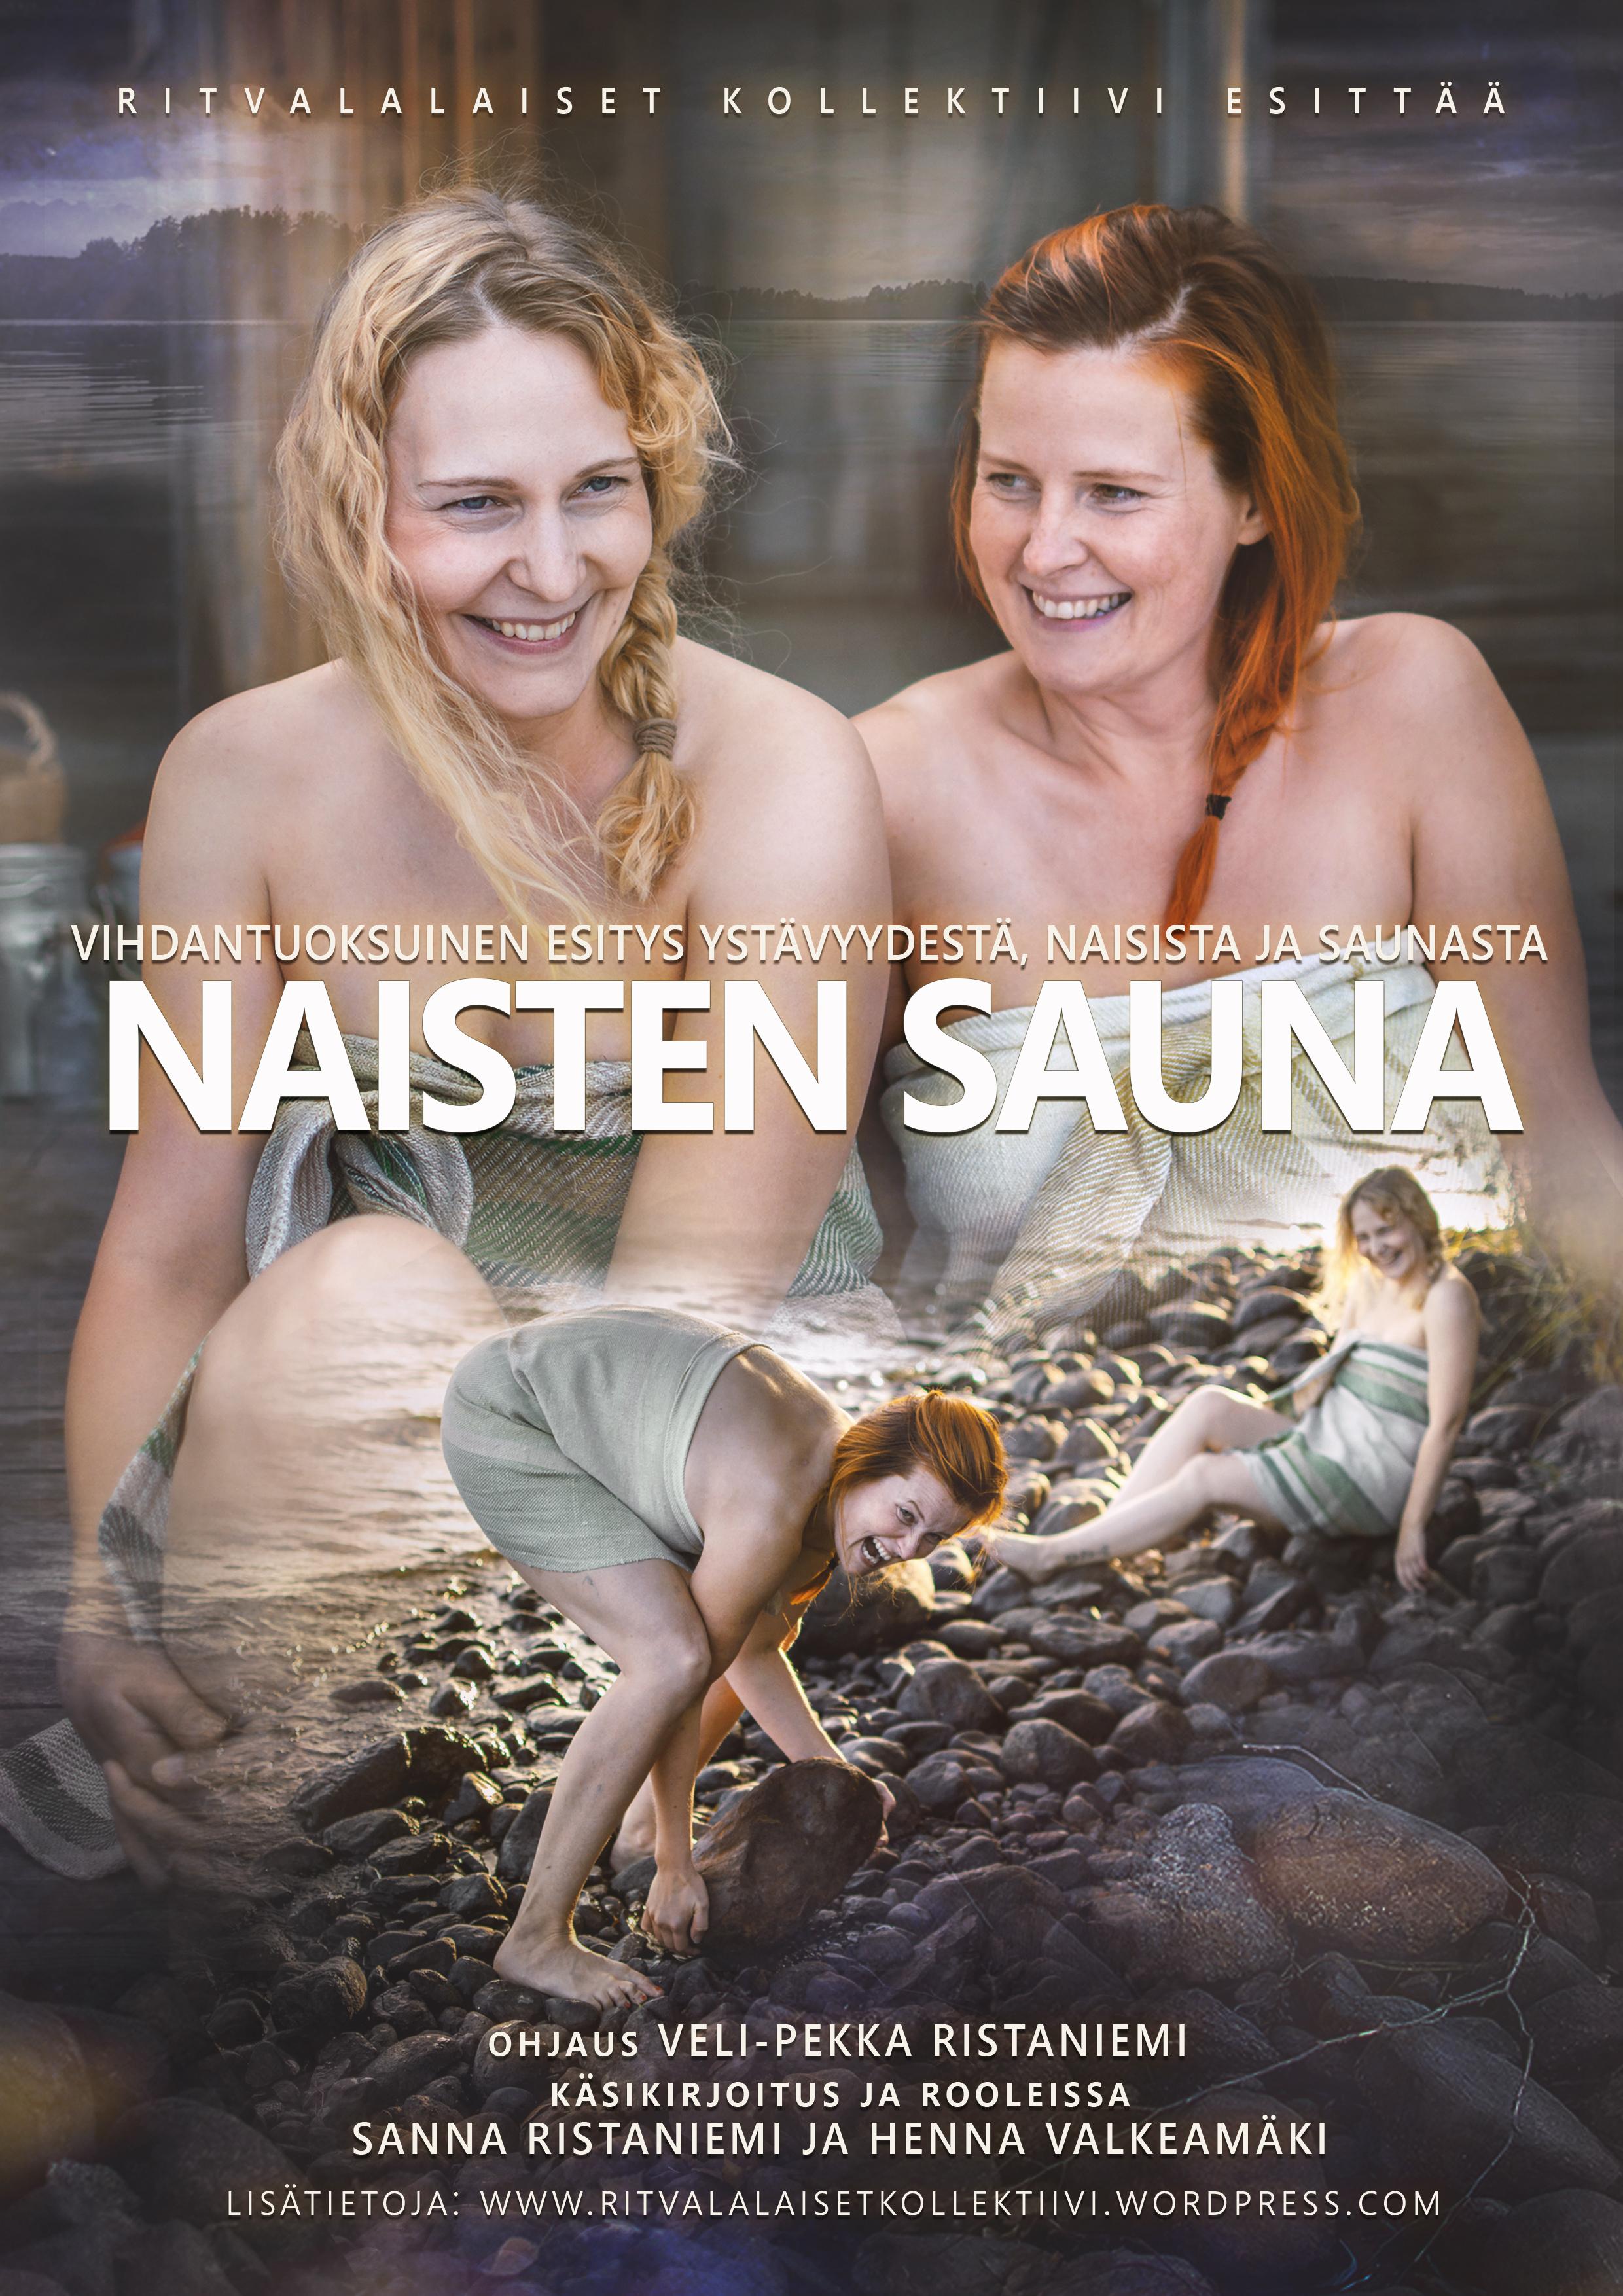 Valkeakoskelaisen ammattiteatteriryhmä Ritvalalaiset Kollektiivin esitys Naisten sauna Kangasala-talossa 15.10.2020.